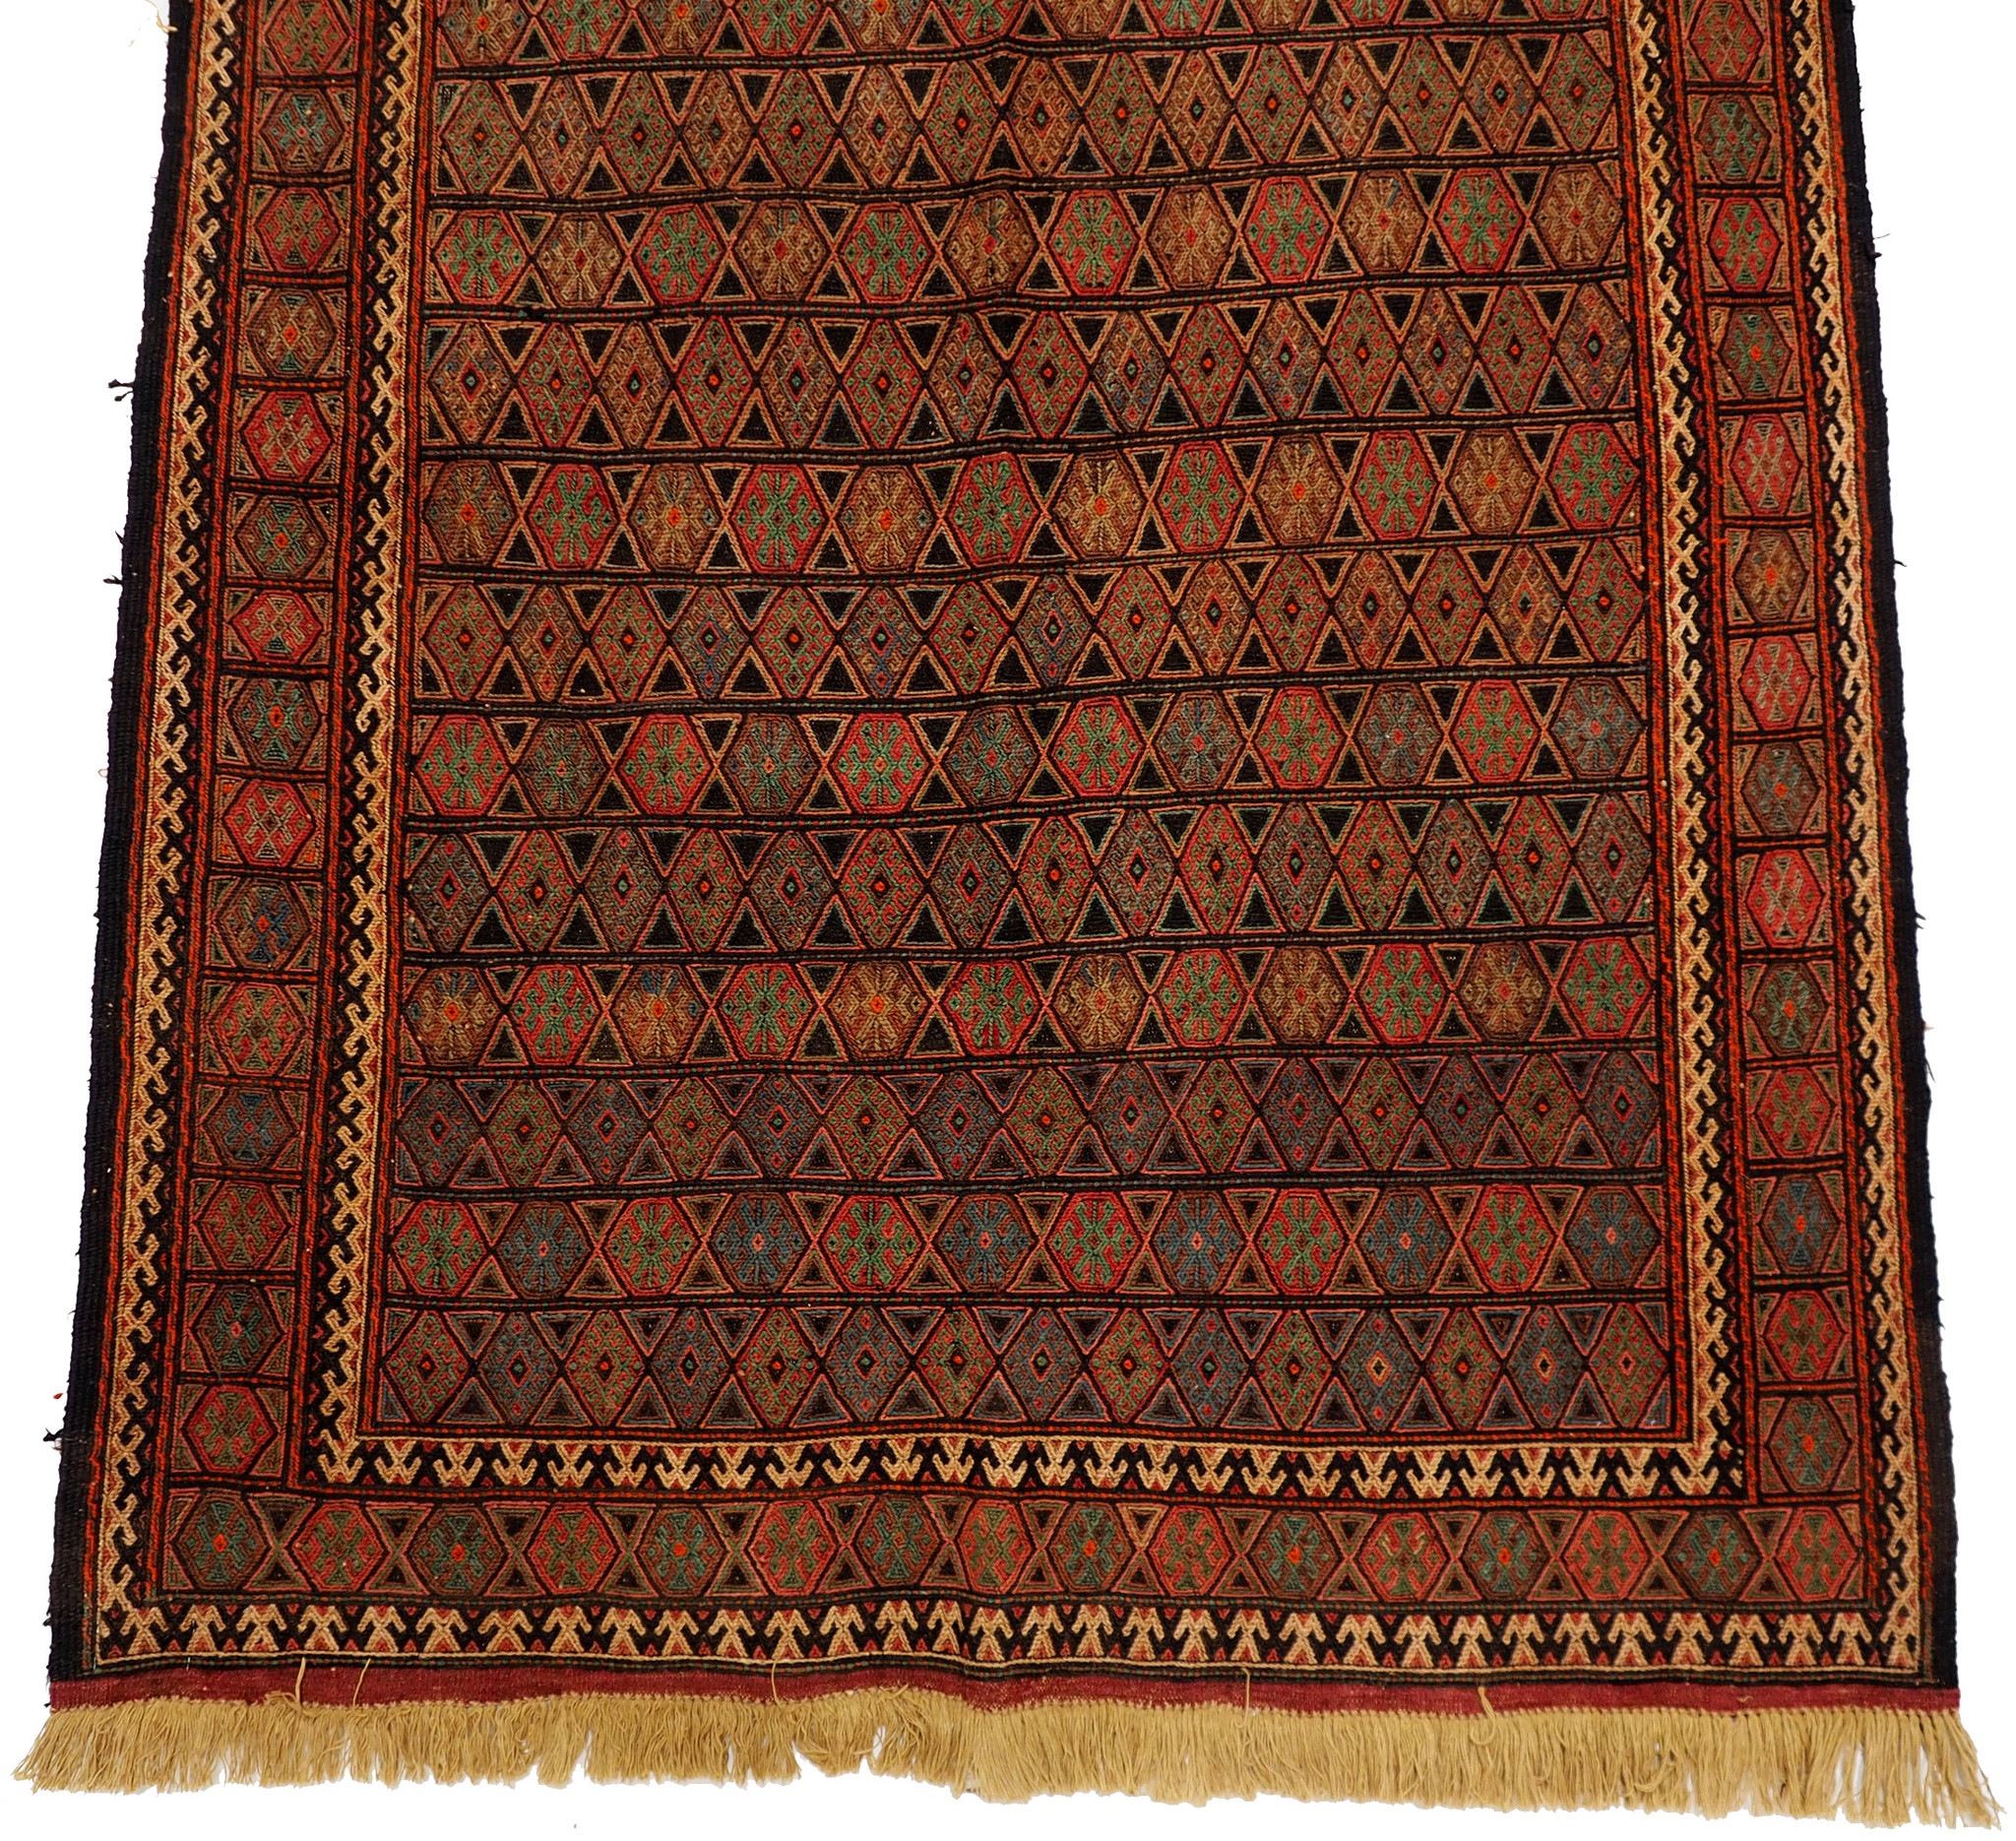 290x145 cm orient handgewebte Teppich Nomaden belotsch sumakh kelim Beloch kilim Nr-364